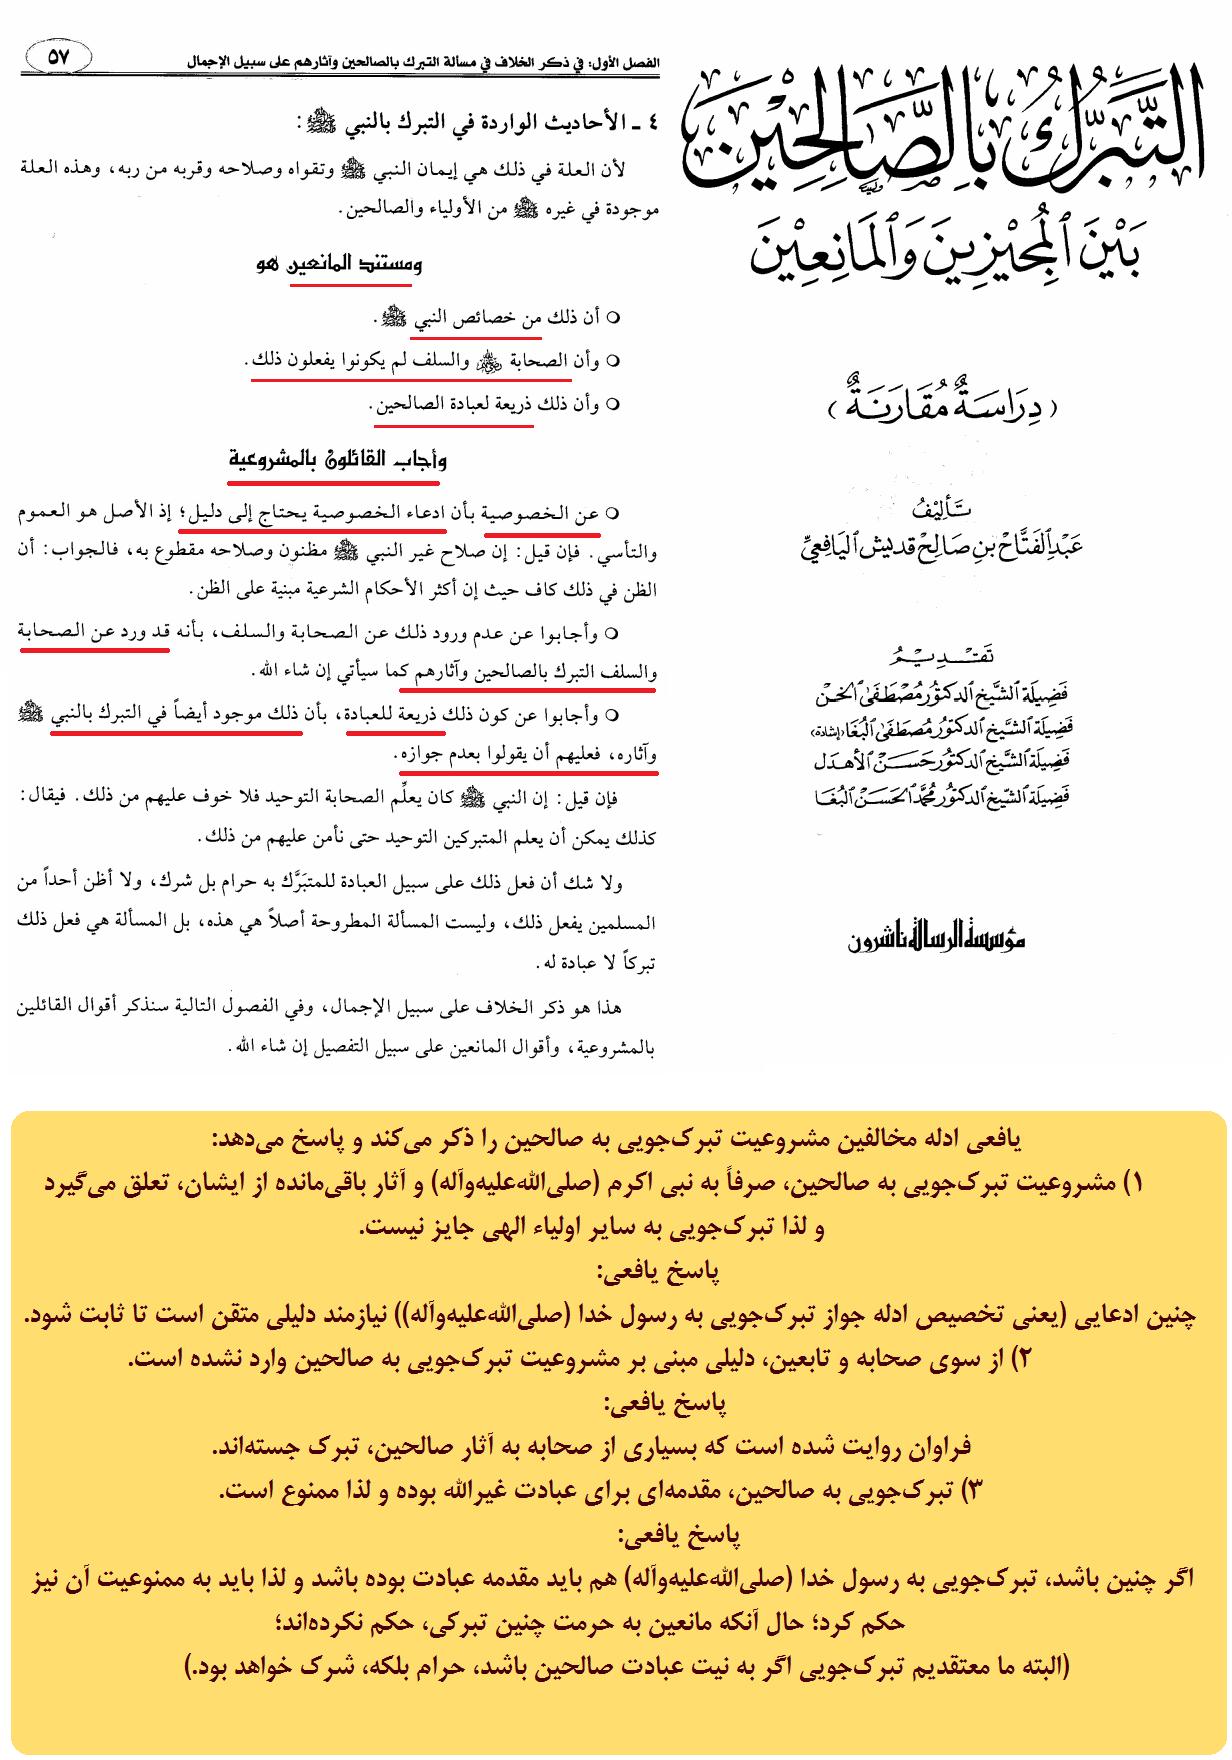 پاسخ به ادله مخالفین مشروعیت تبرکجویی به صالحین